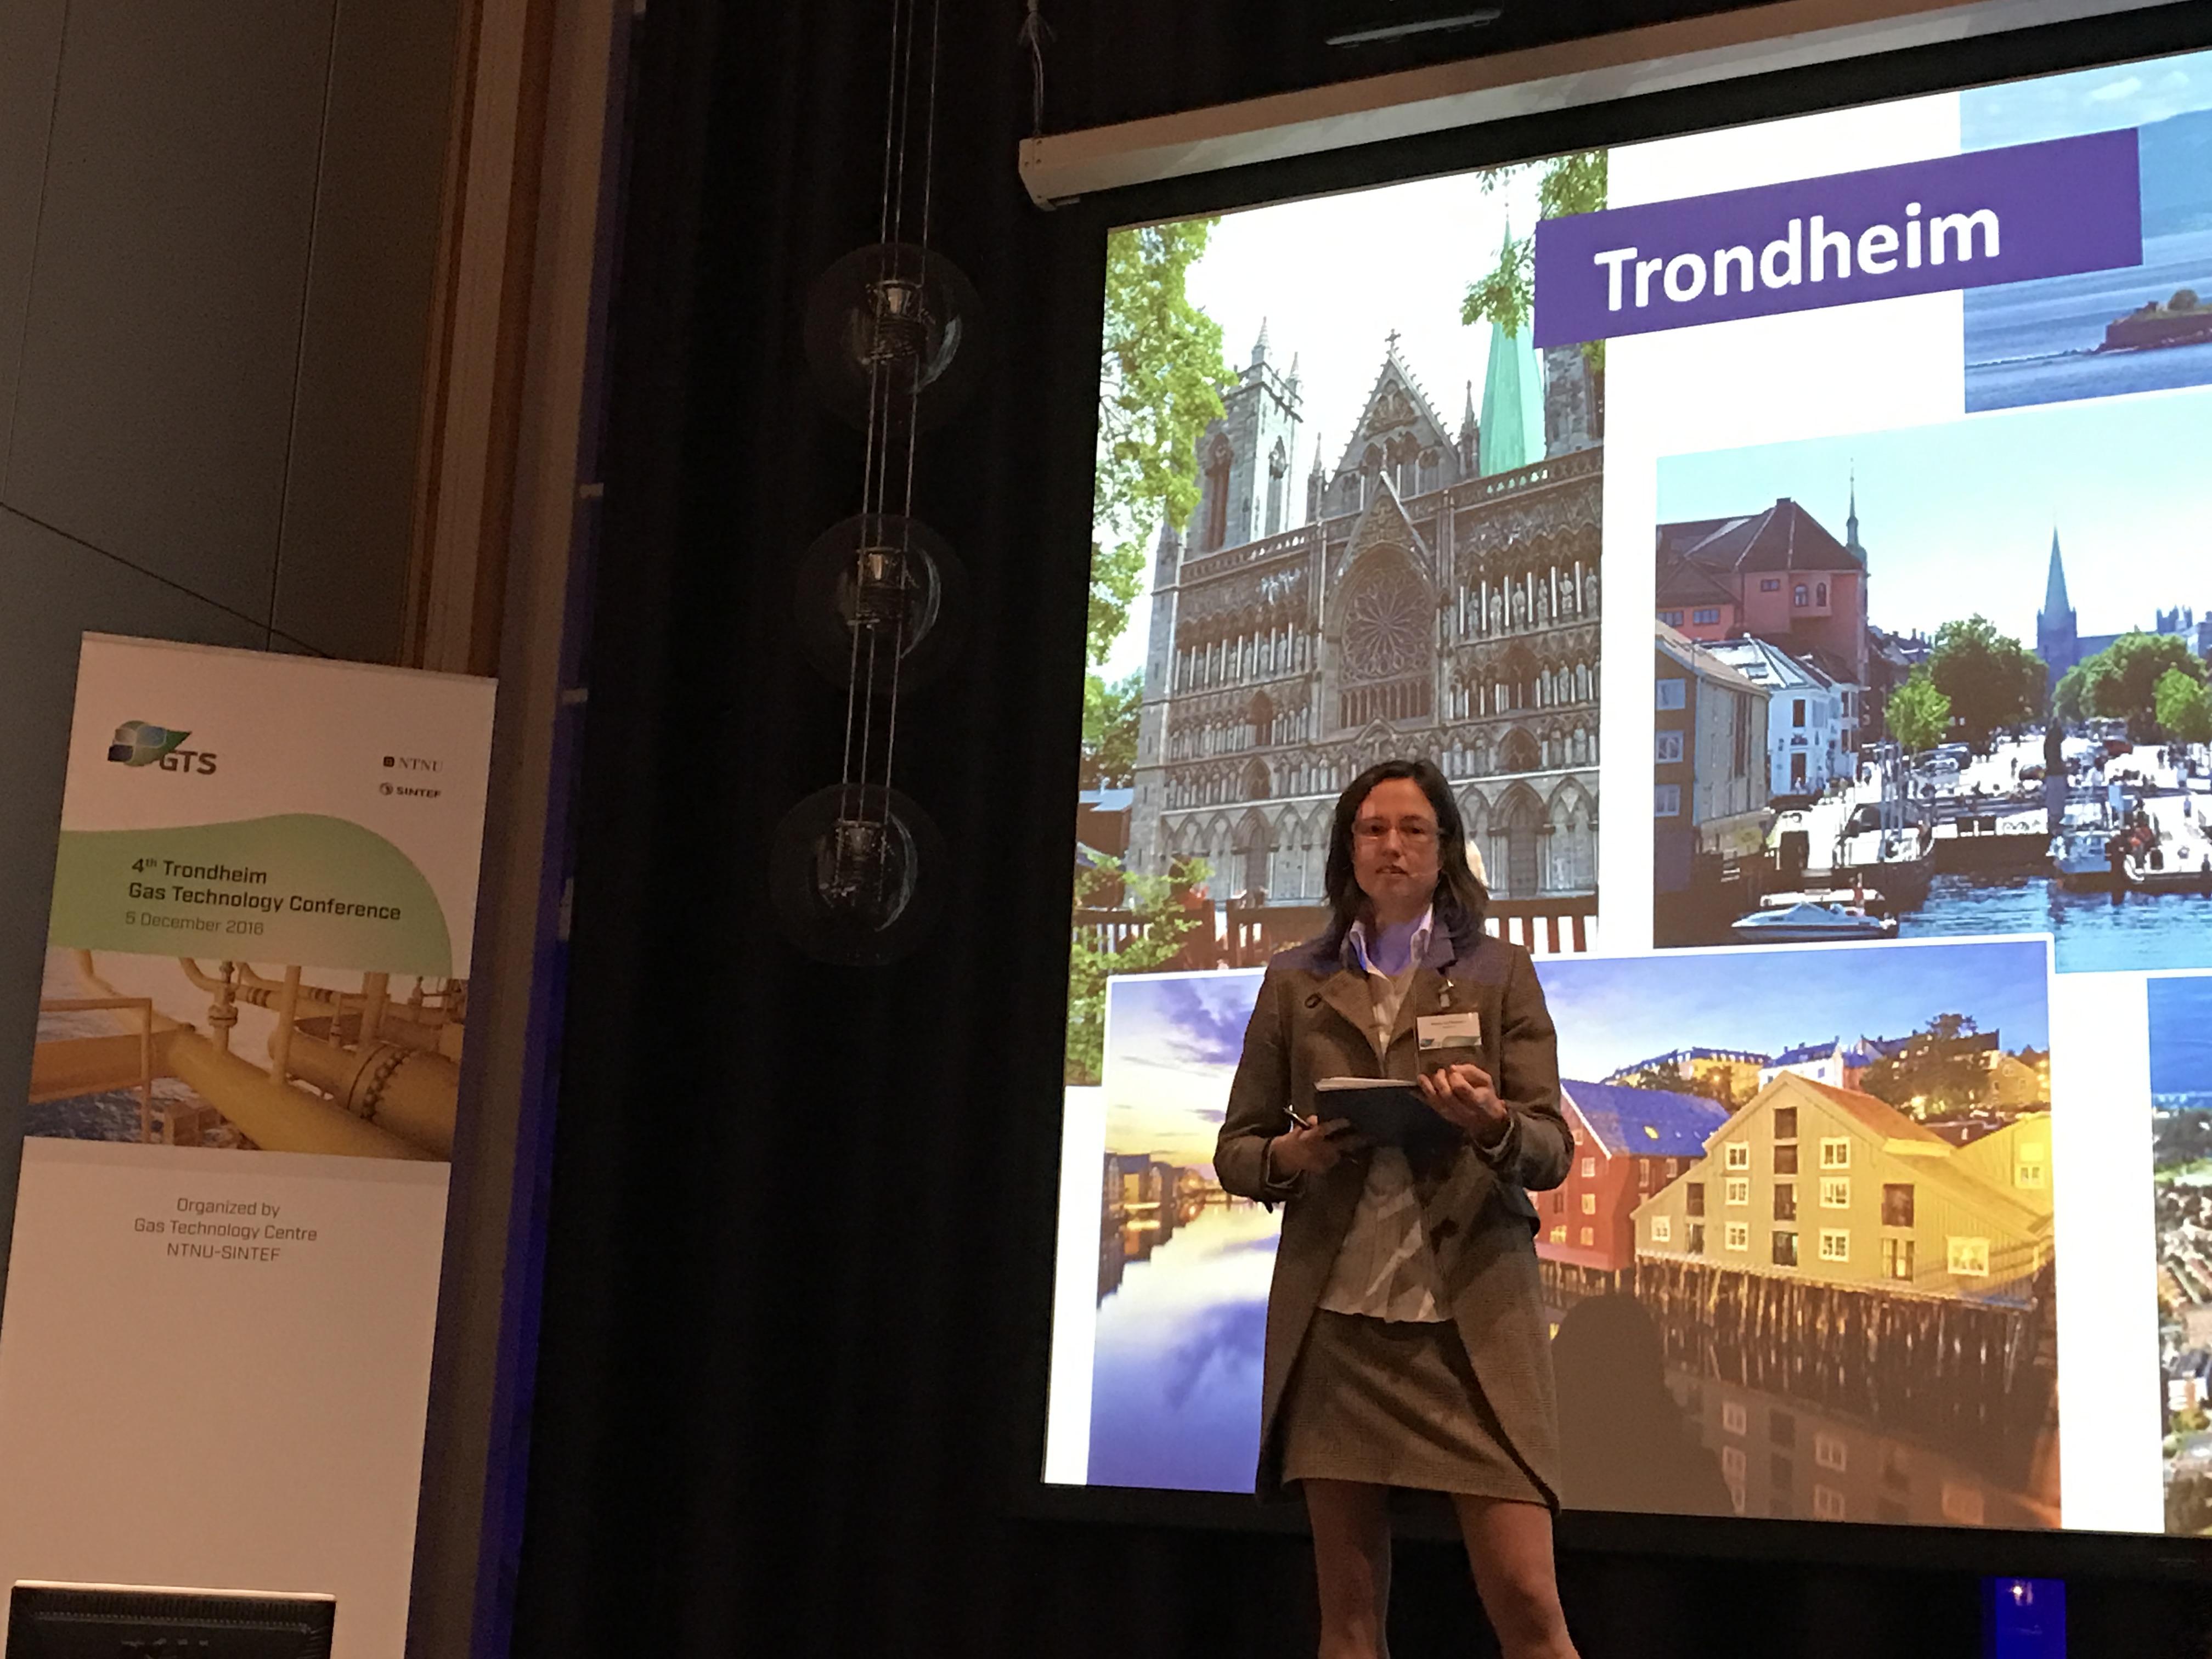 Sonja van Renssen presenting